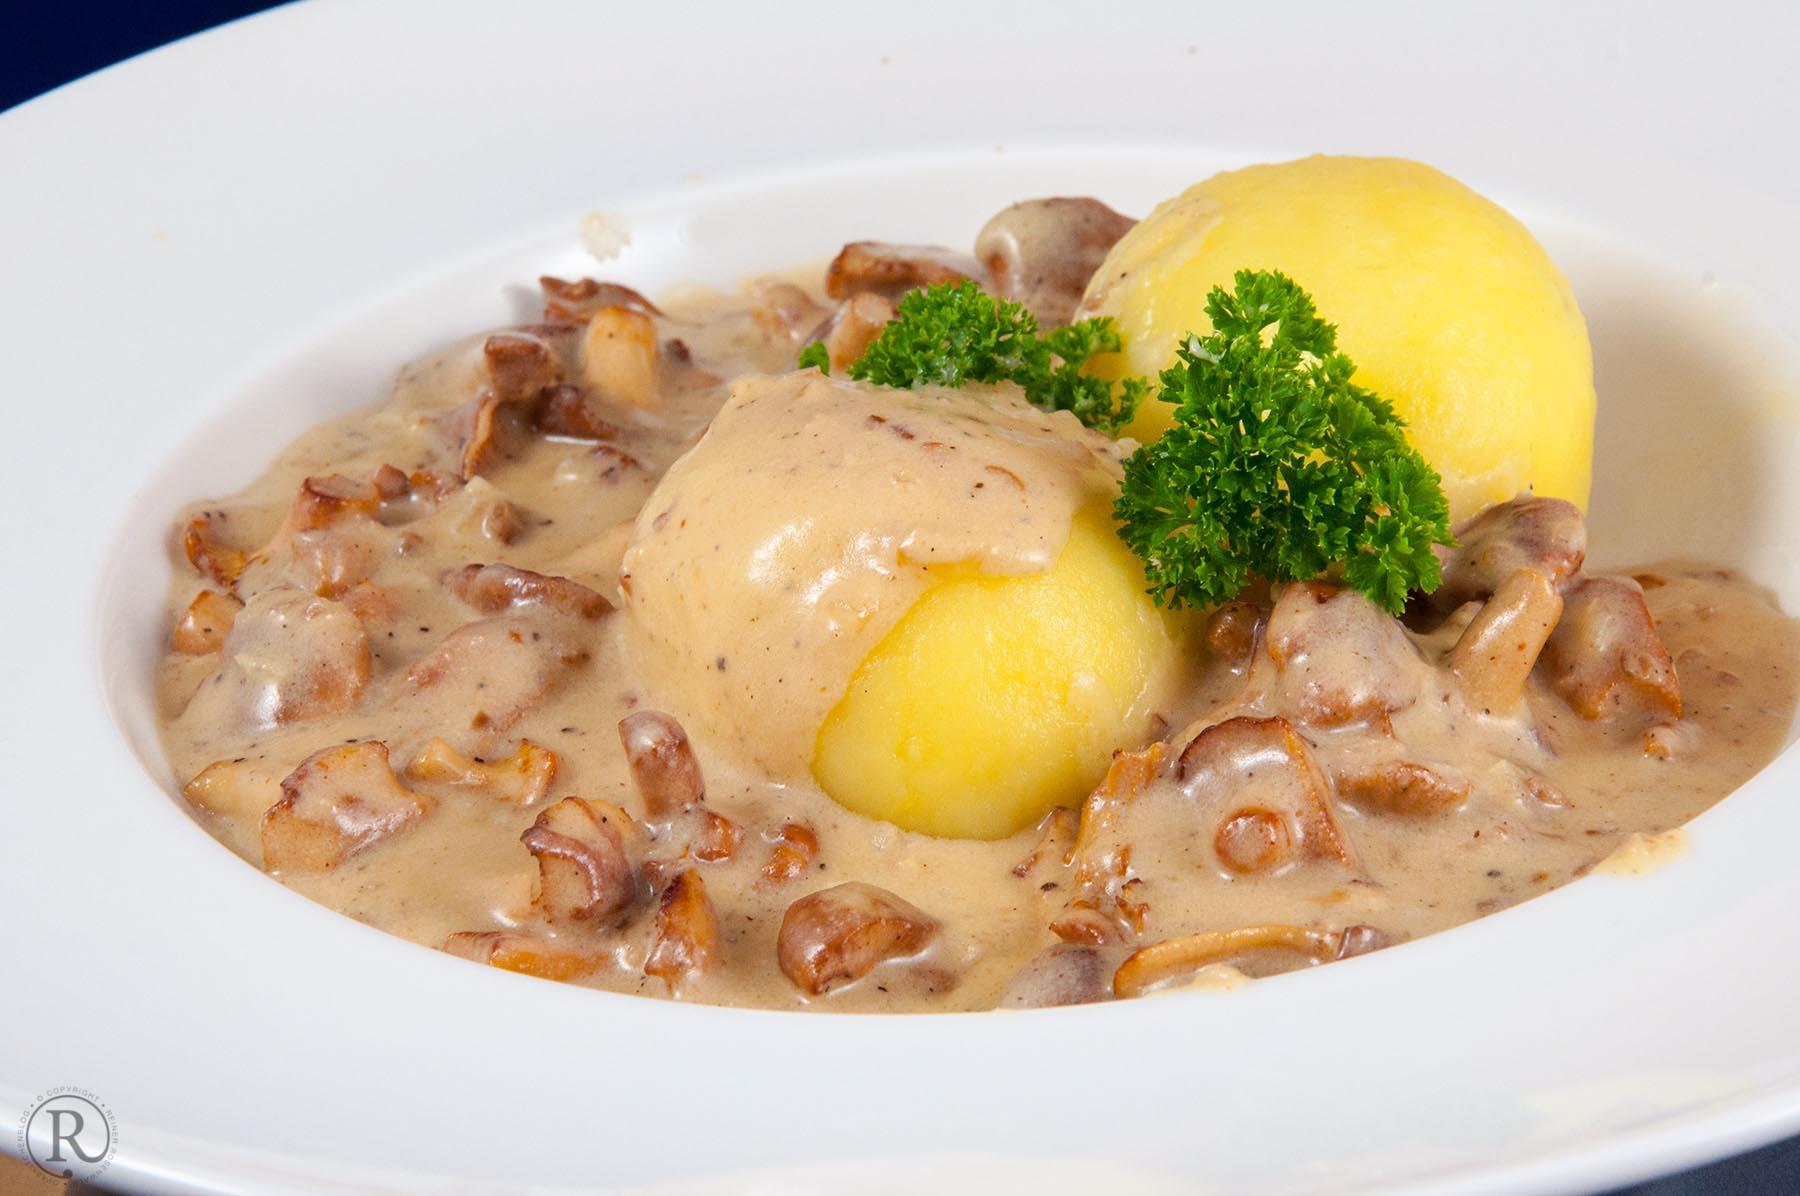 Kartoffelklösse aus gekochten Kartoffeln mit cremiger Pfifferlingsosse